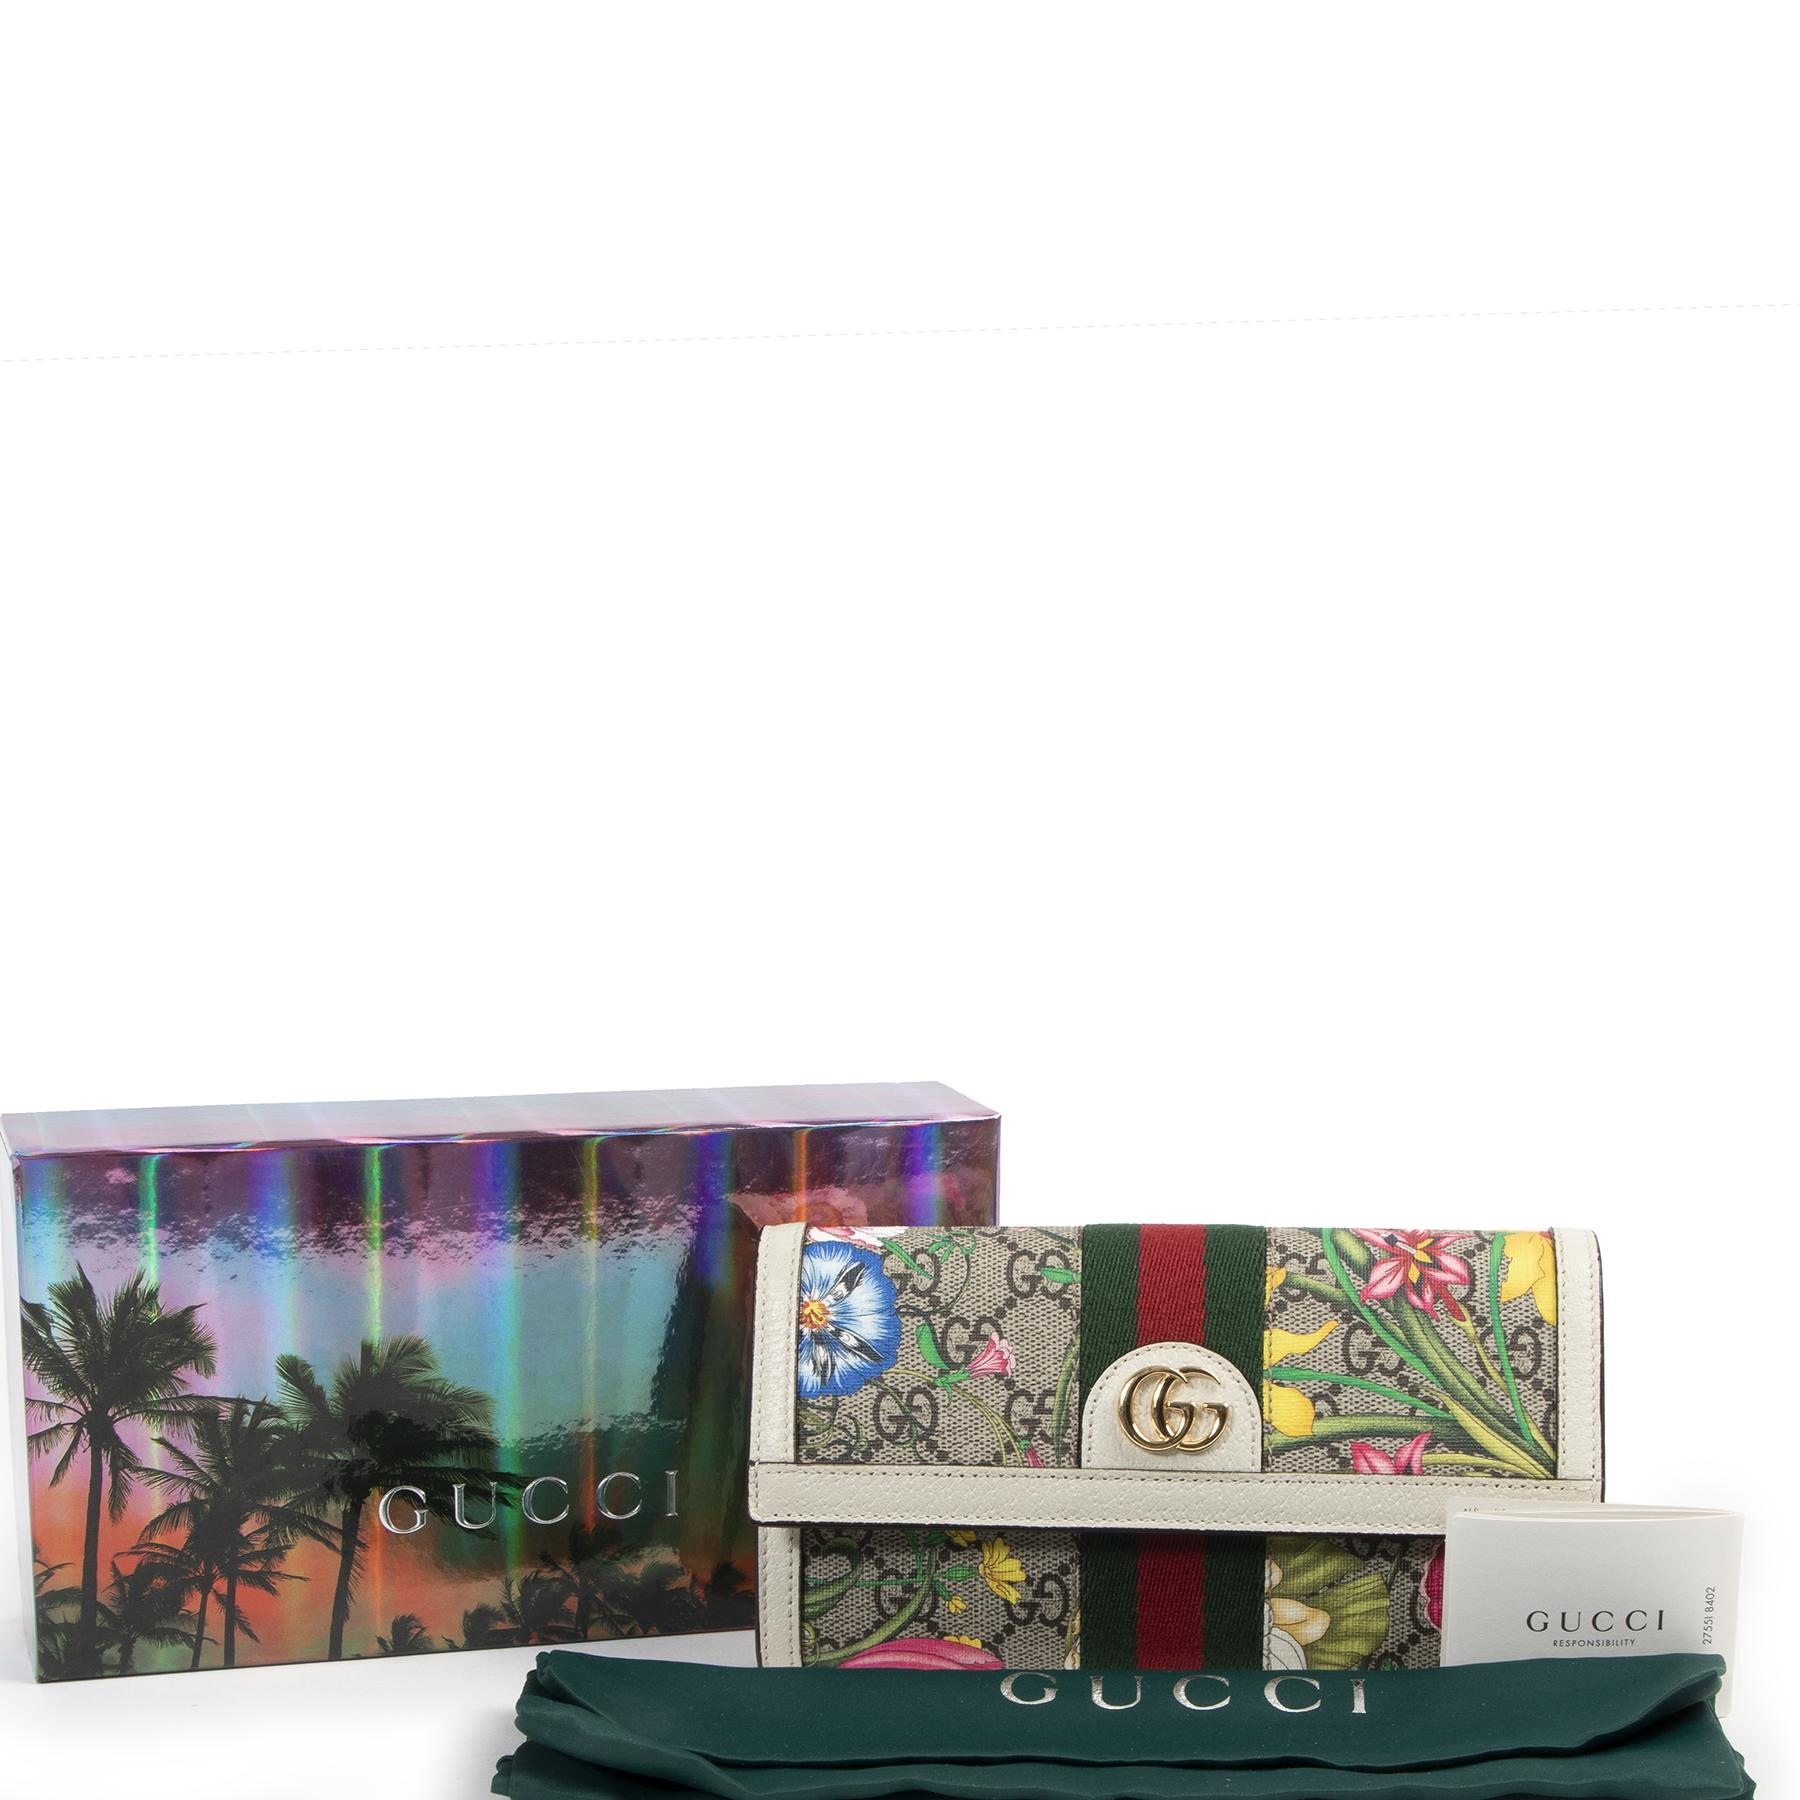 koop veilig online tegen de beste prijs Gucci Ophidia GG Flora continental wallet